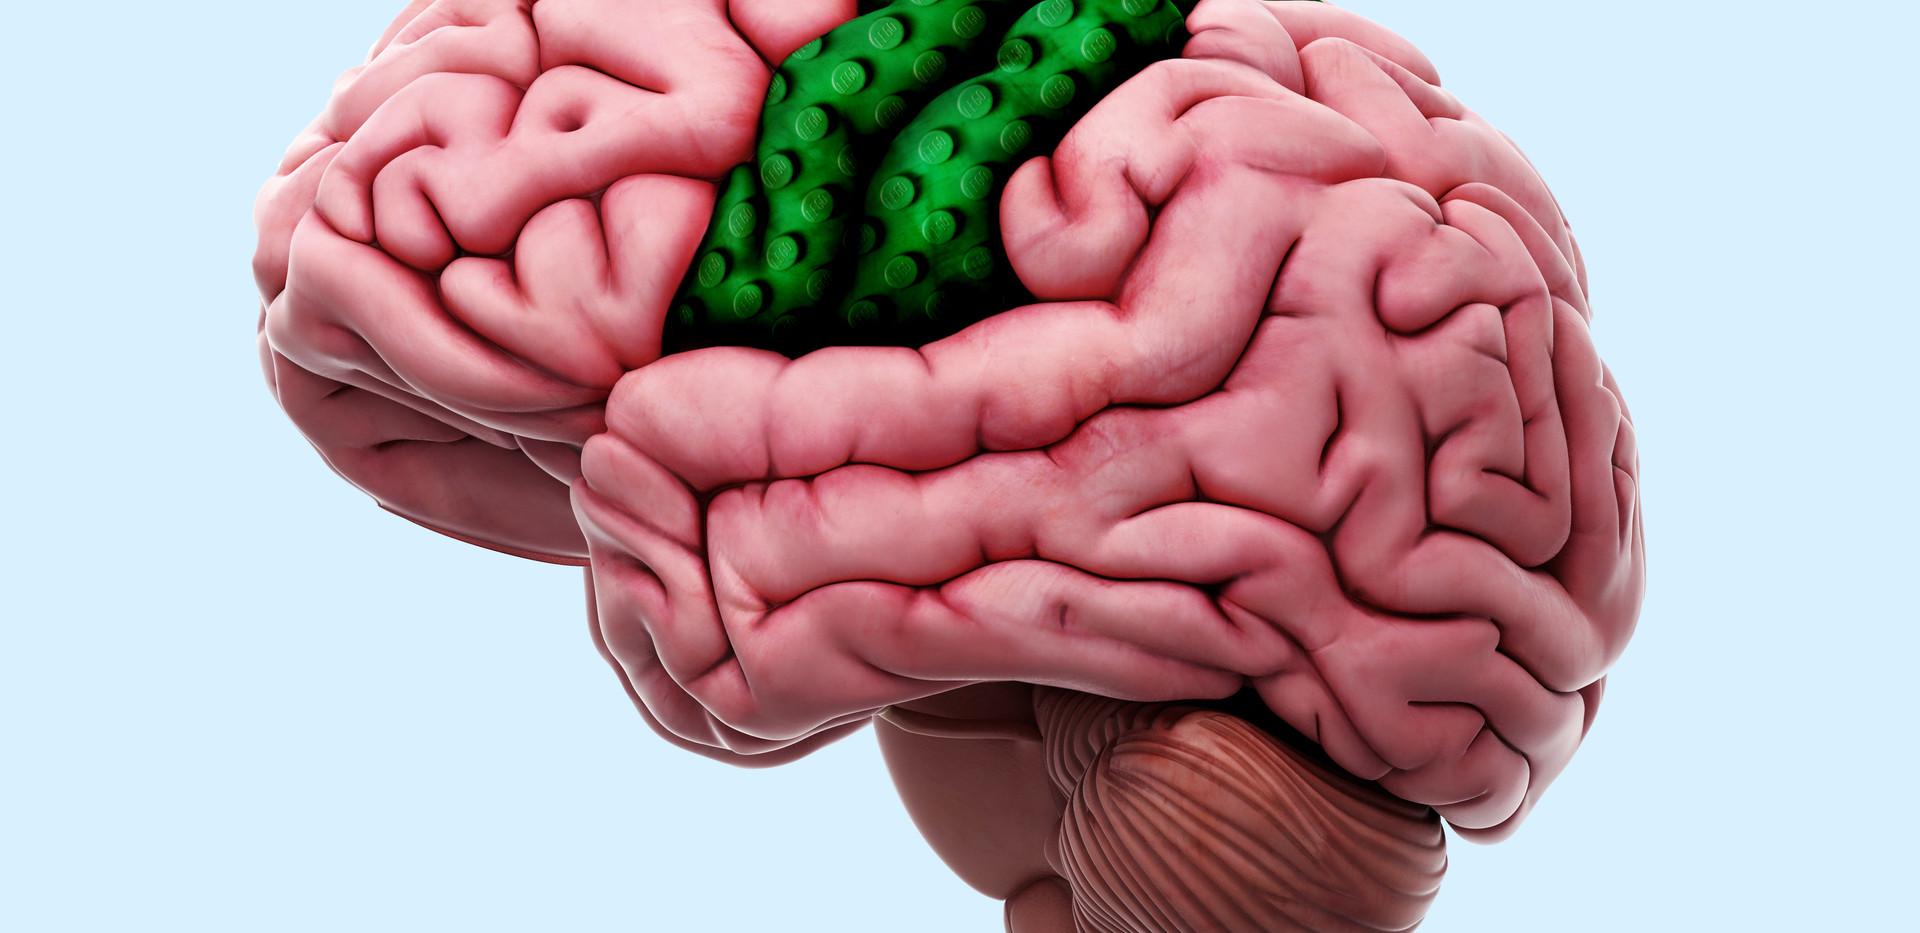 Lego Brain.jpg